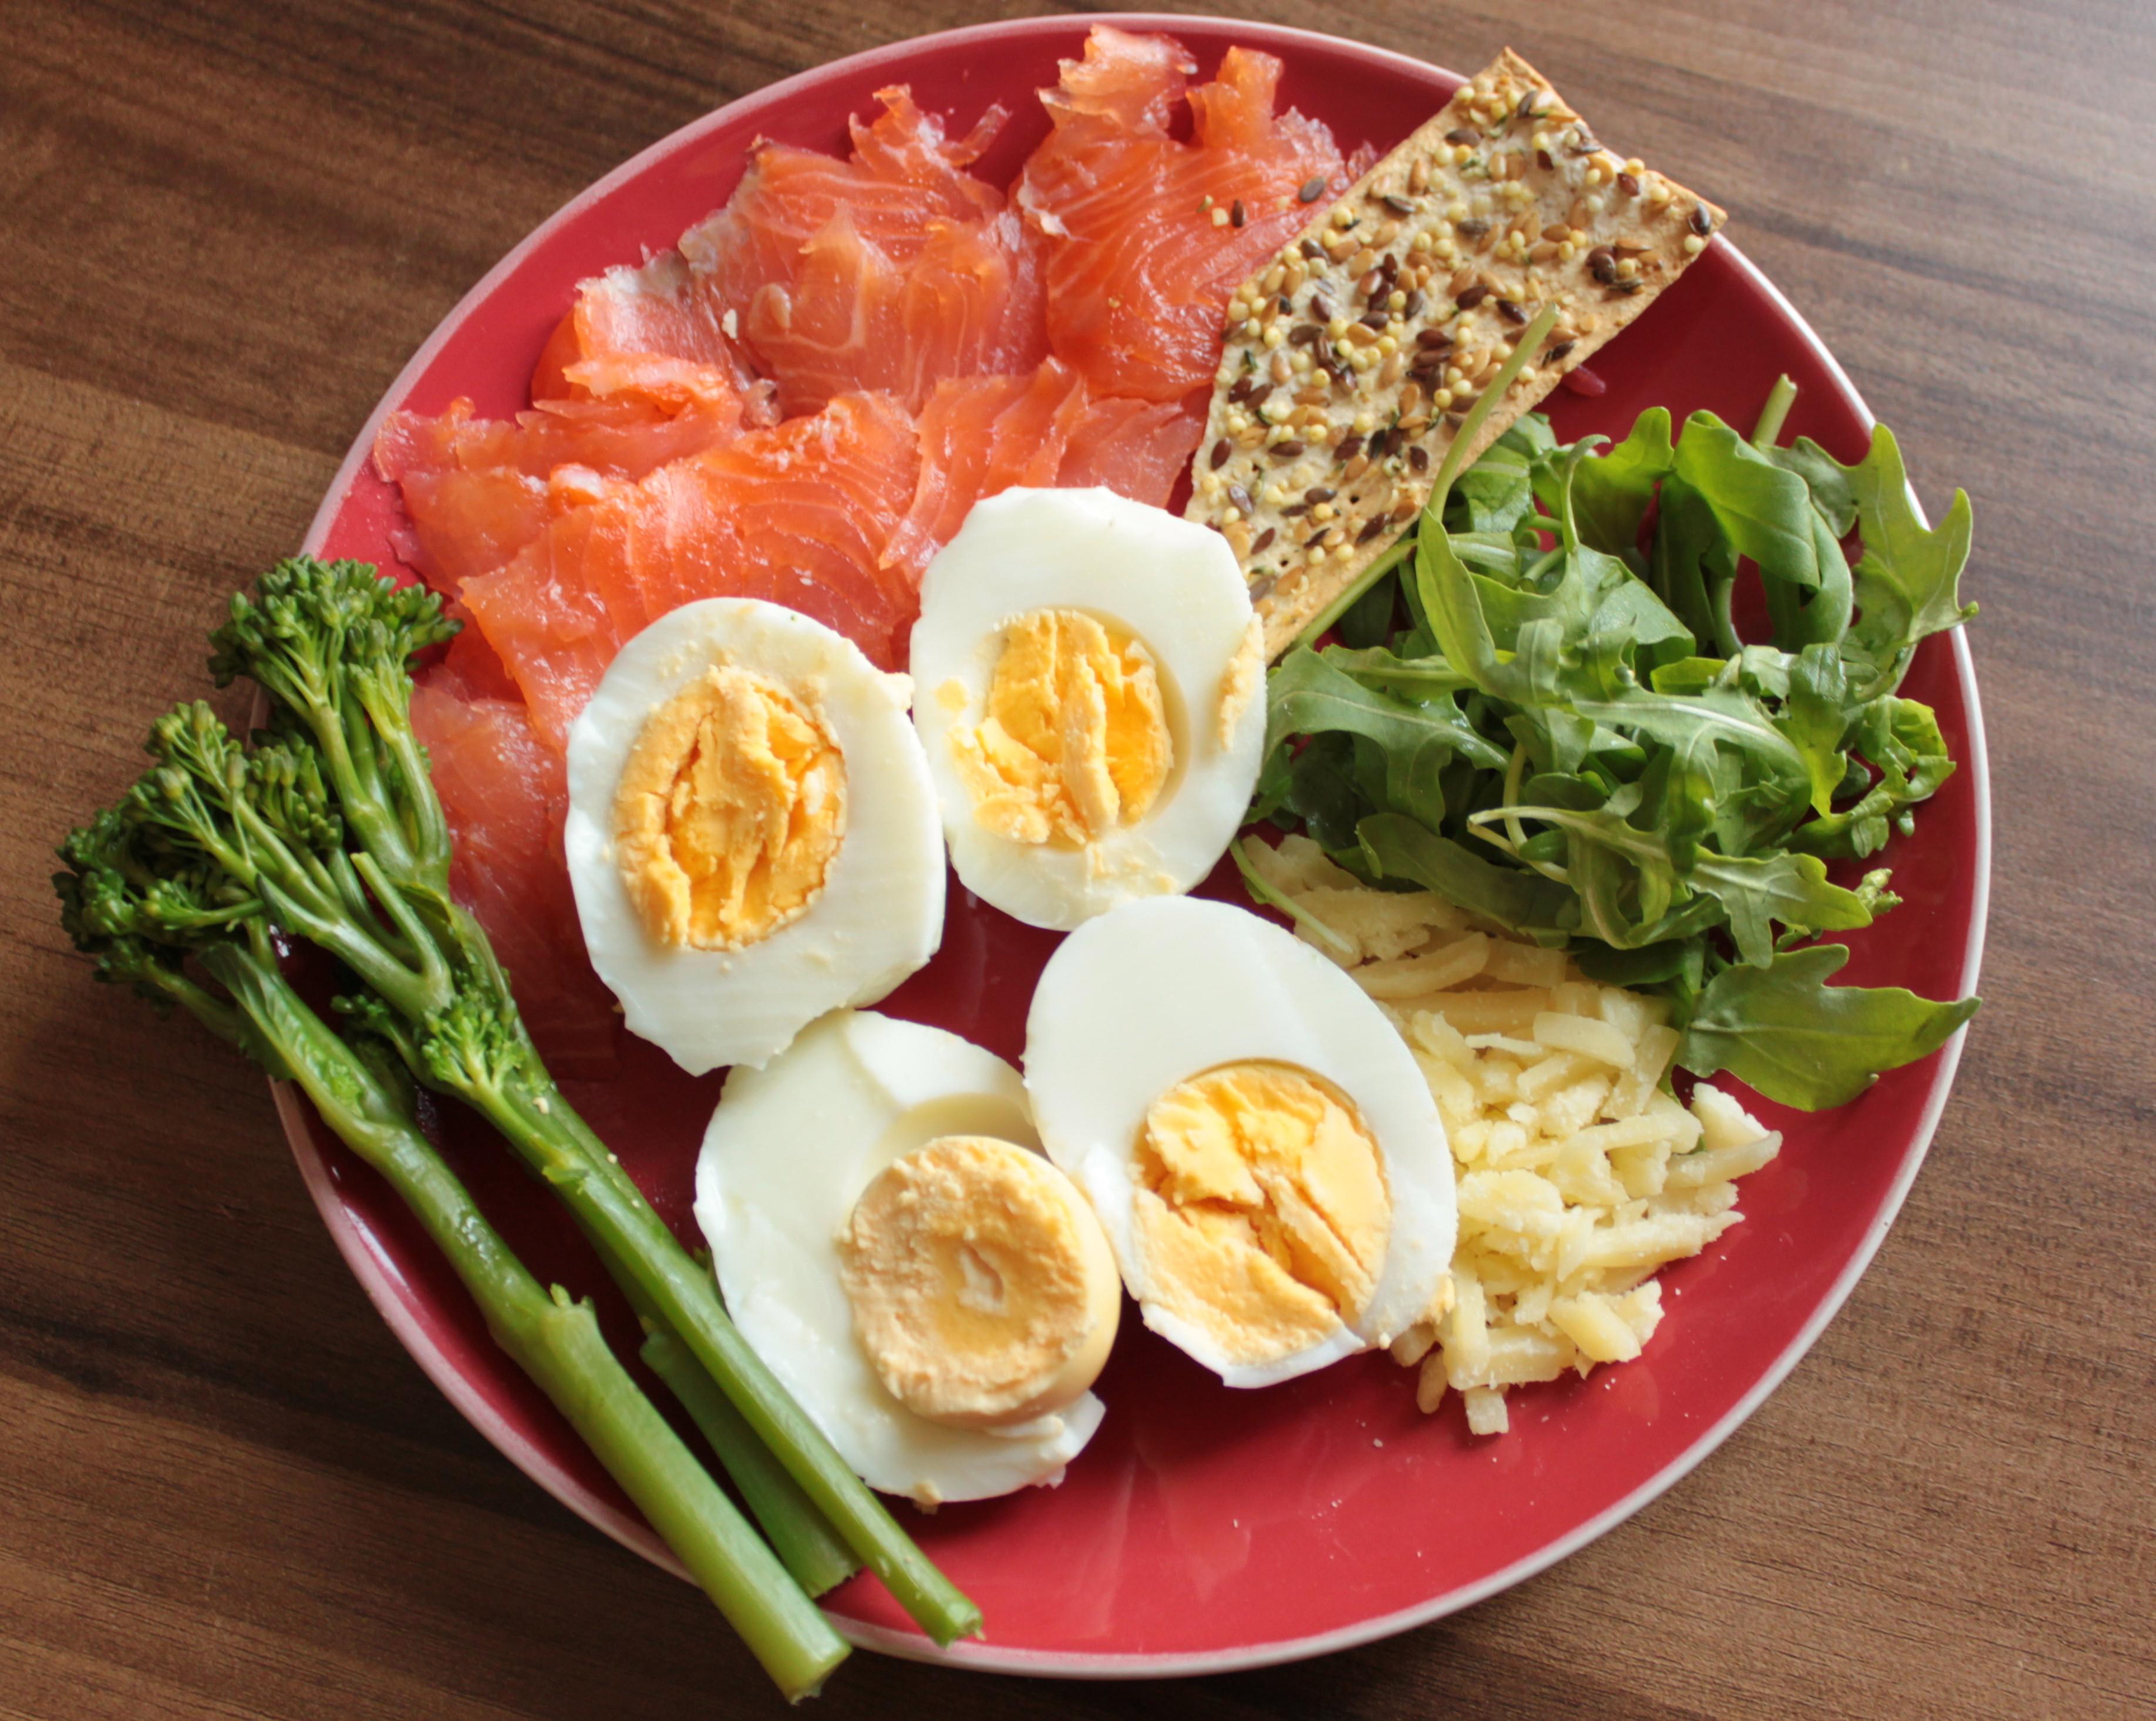 A Healthy Breakfast  7 Healthy Breakfast Tips